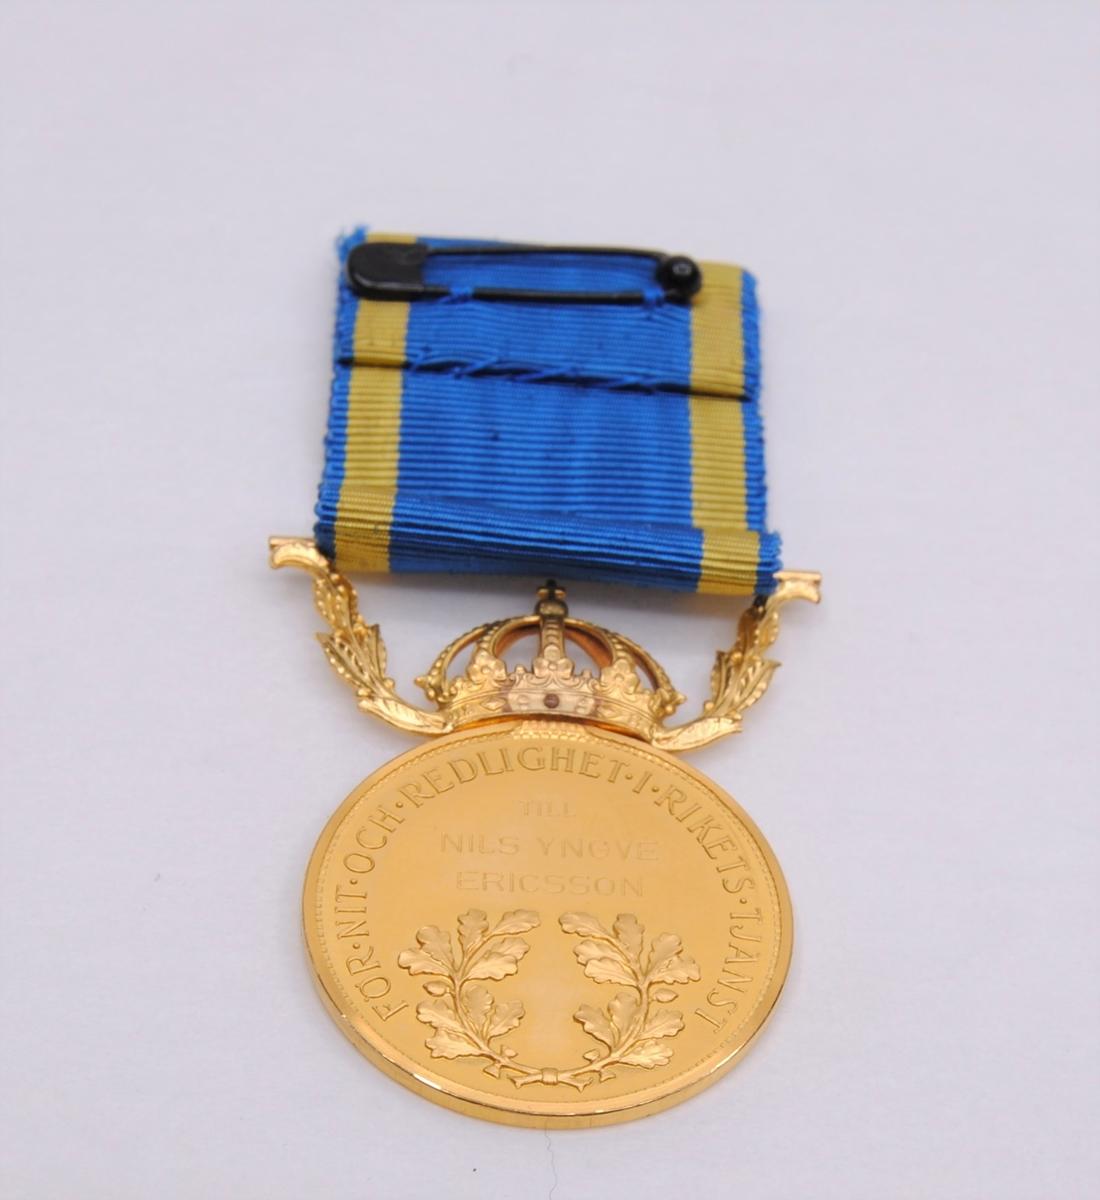 """En rund präglad medalj av 23K guld """"för nit och redlighet i rikets tjänst"""". Motiv av Gustaf VI Adolfs huvud på ena sidan samt text. På den andra sidan två eklöv samt gravyr. På sidan av myntet sitter tre stämplar. Medaljen är krönt av en krona med bladverk på sidorna som går upp i fäste för tygband. Tygbandet är blått med två gula ränder. En säkerhetsnål är fäst på baksidan av bandet.(:1)  Etui av papp klätt med präglat papper. Inredning av grön sammet och vitt siden. Text tryckt i locket.(:2)"""